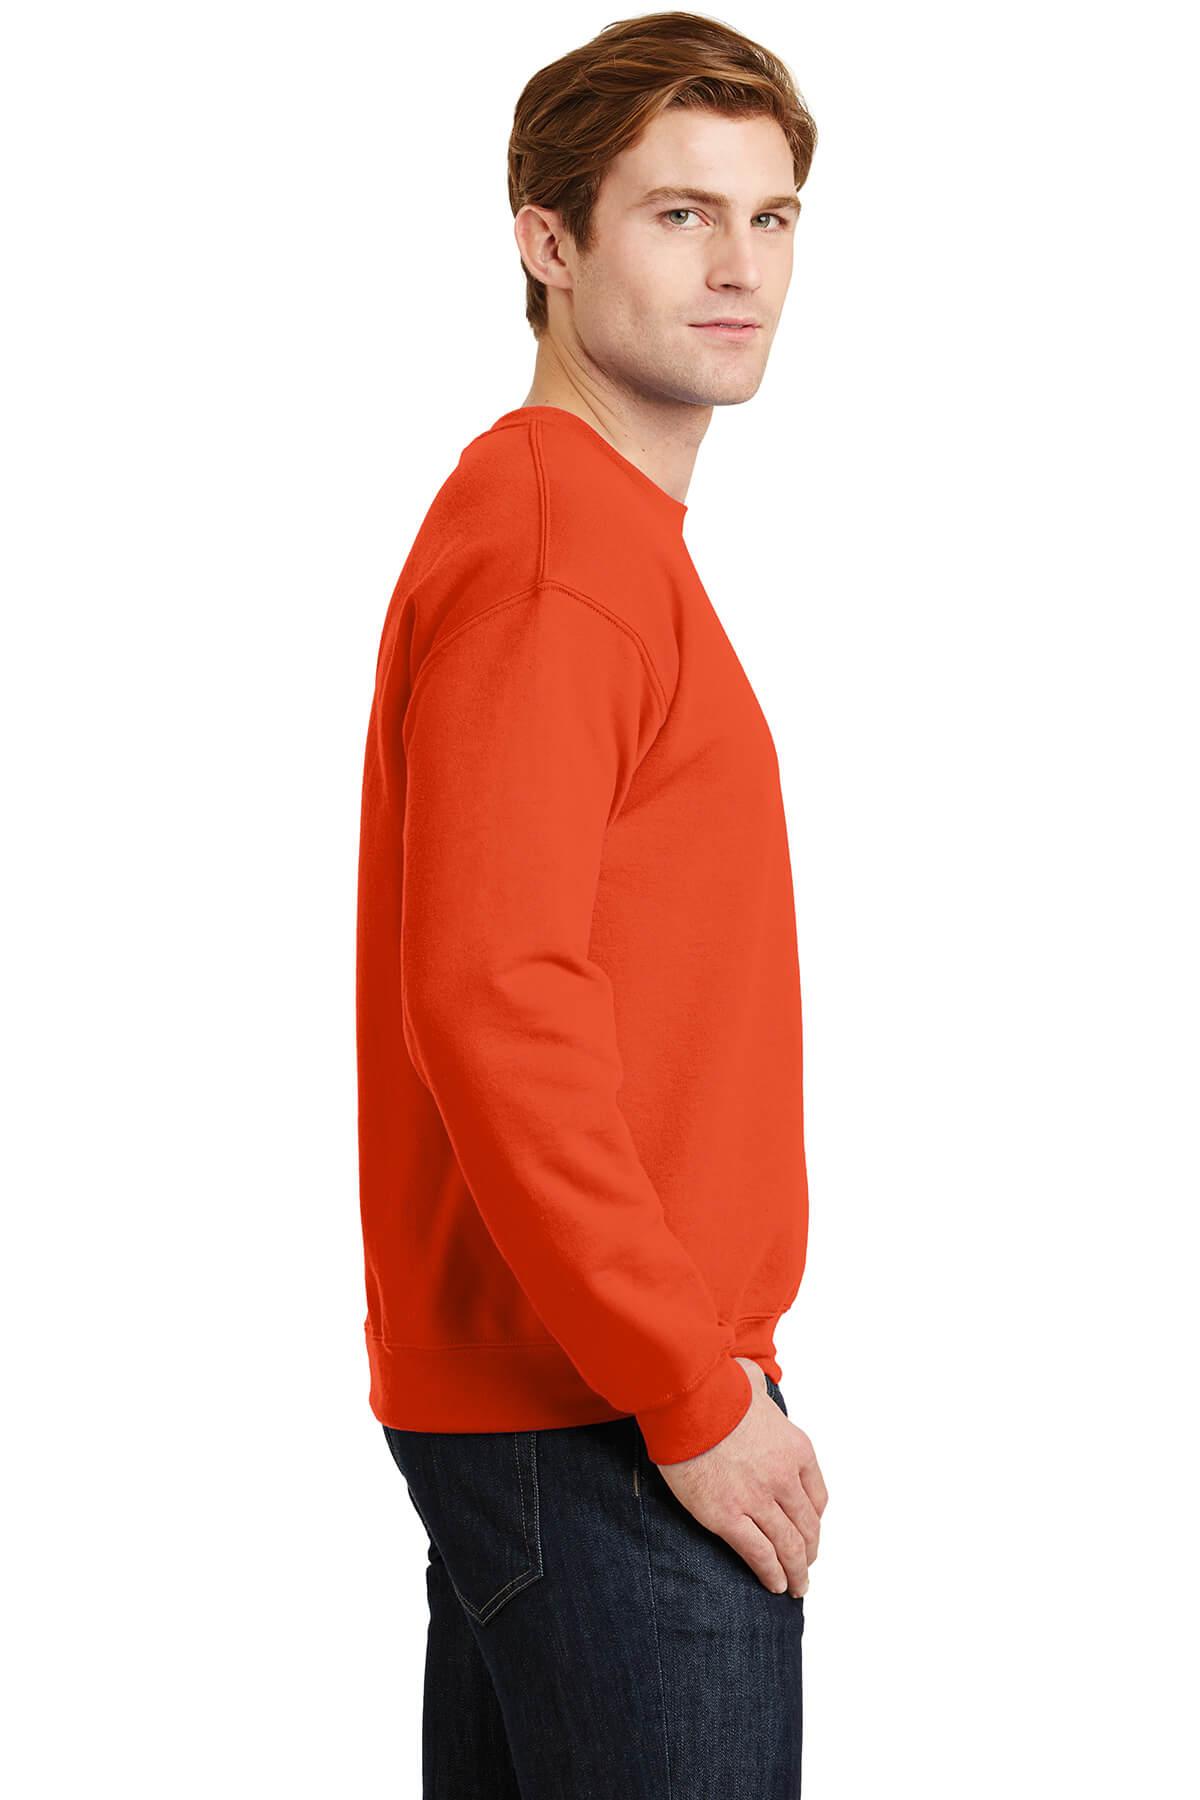 18000-orange-3